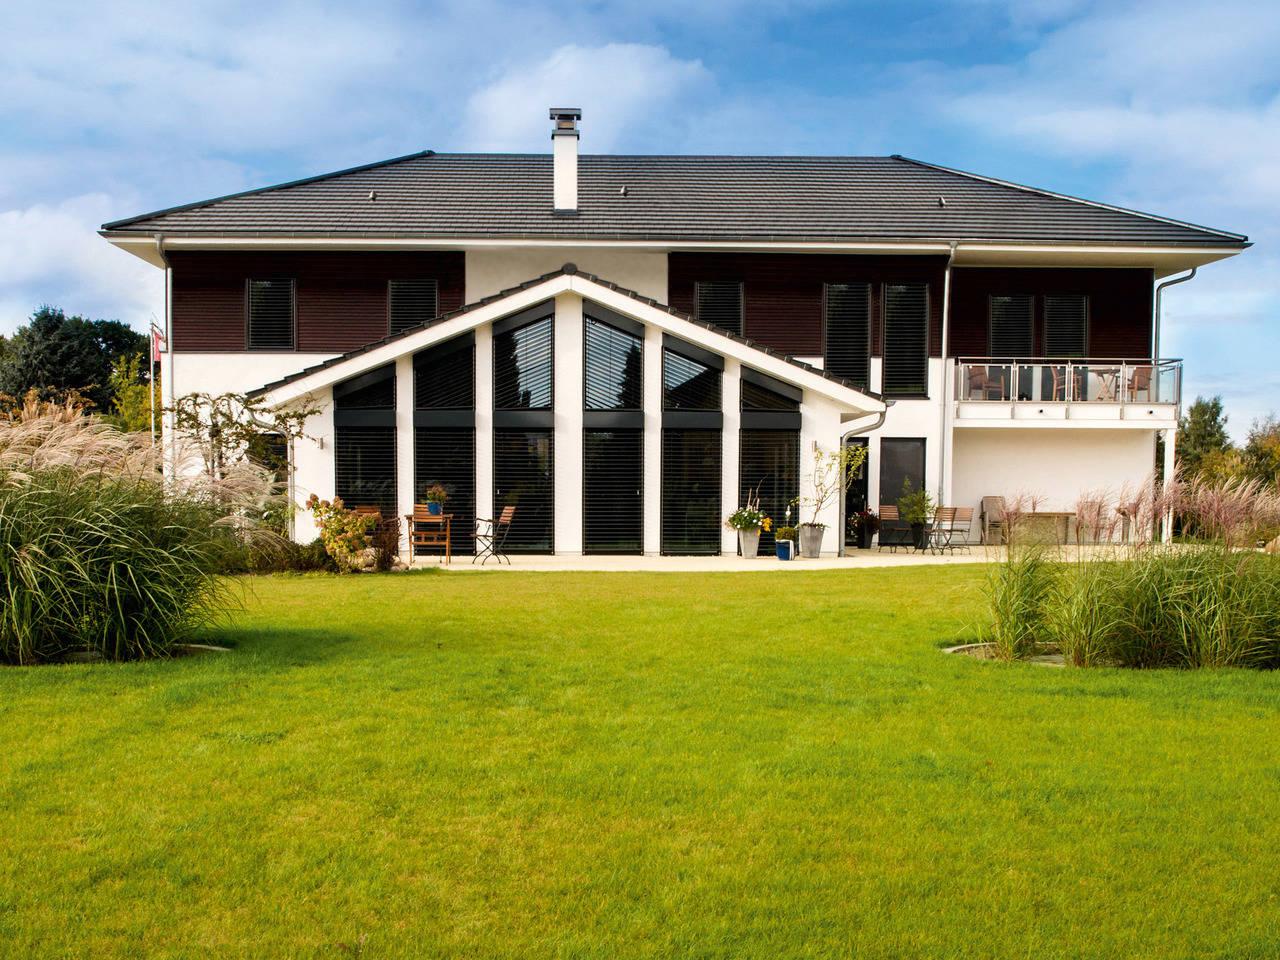 Haacke Fertighäuser Haus Beispielhaus 1